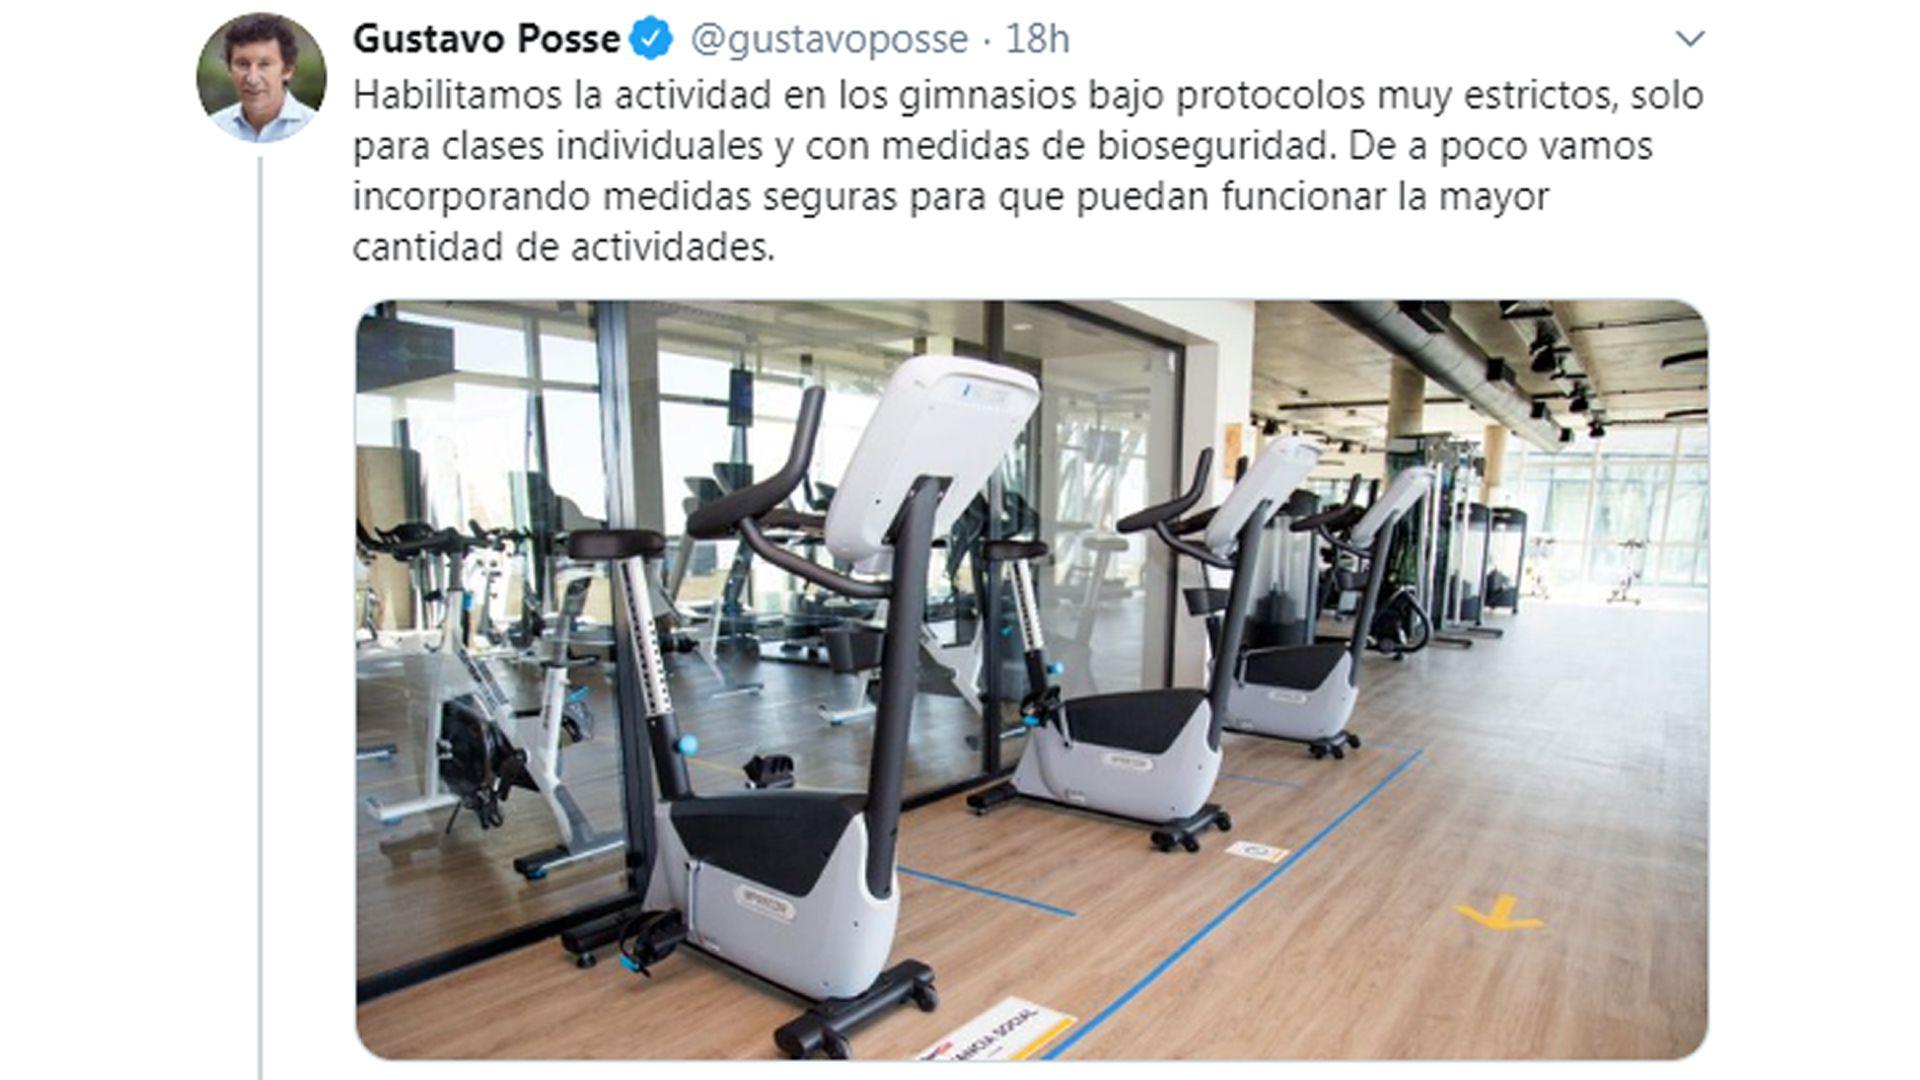 tuit de Gustavo Posse sobre gimnasios